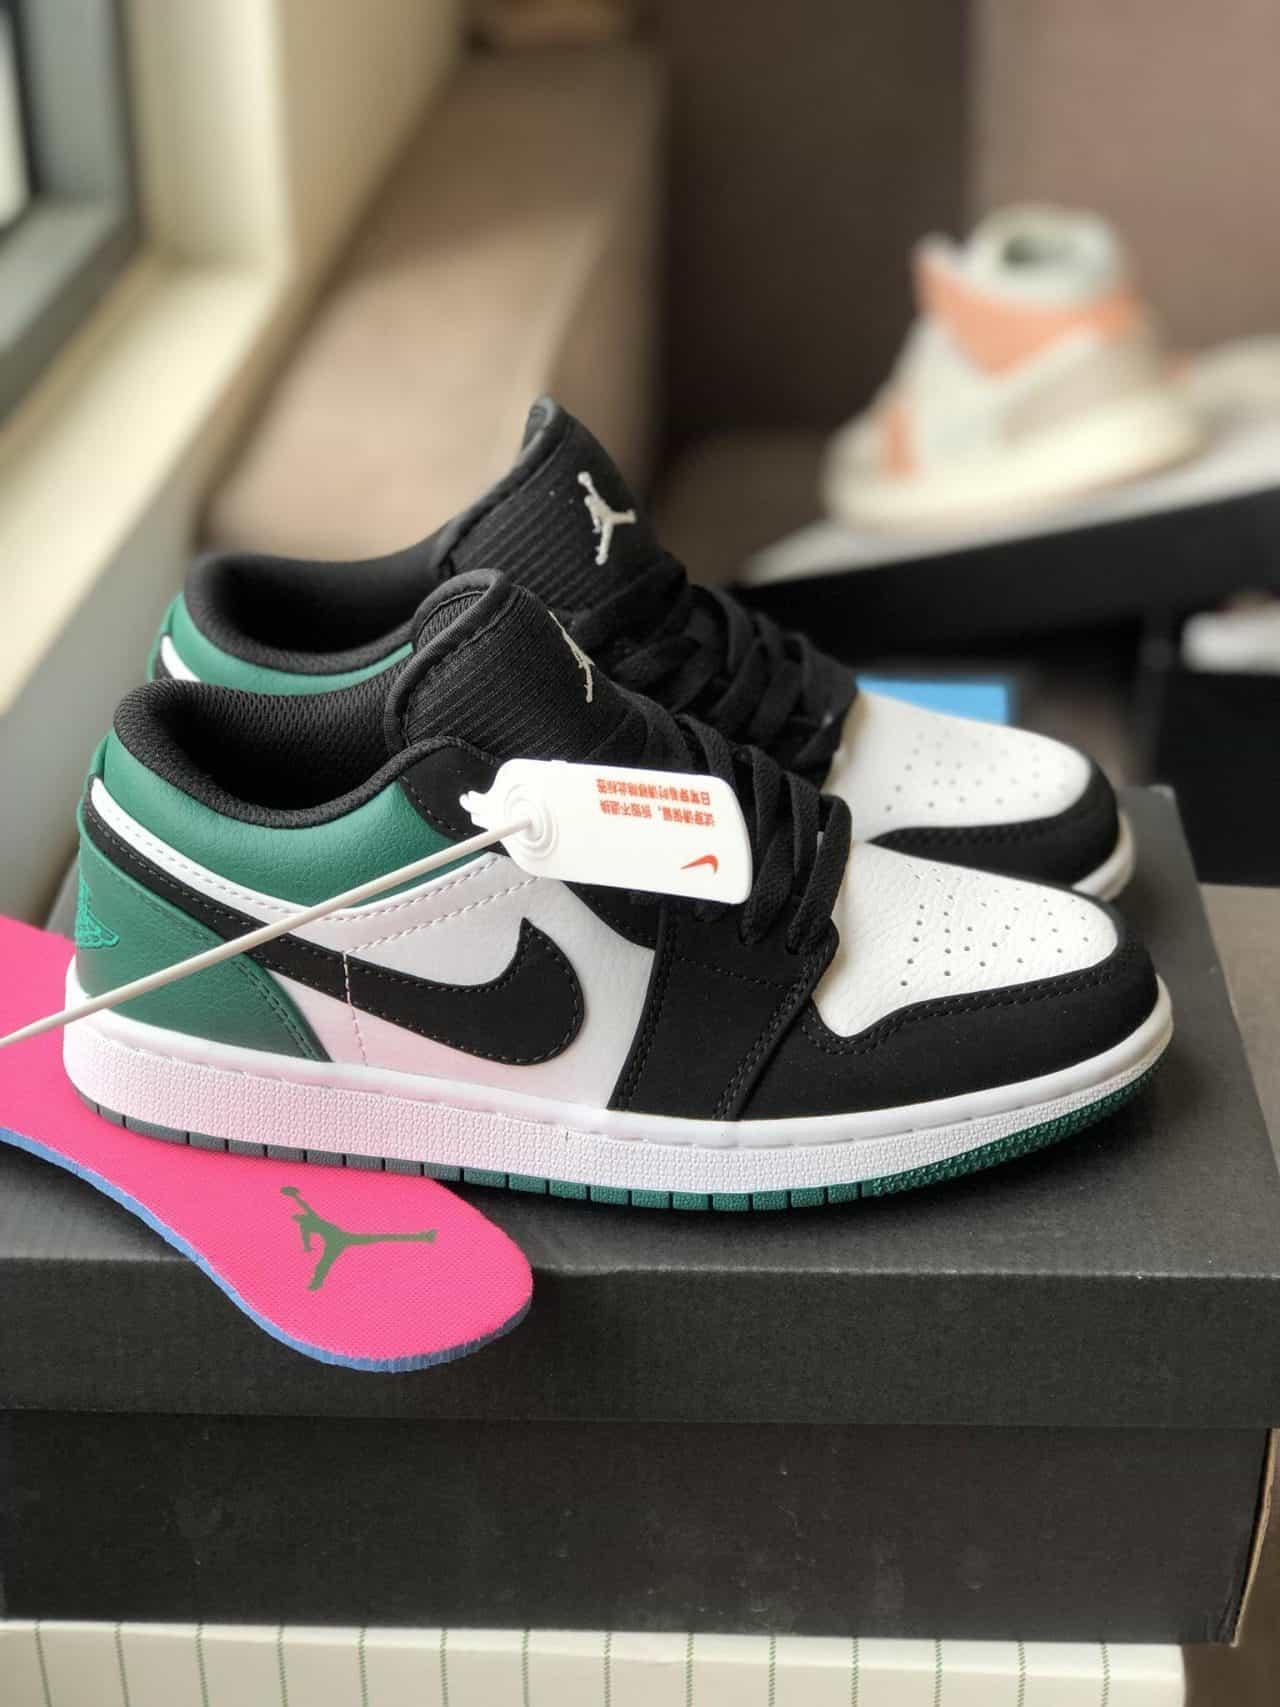 Nike Air Jordan 1 Low Xanh Đen Rep 1:1 với đầy đủ phụ kiện